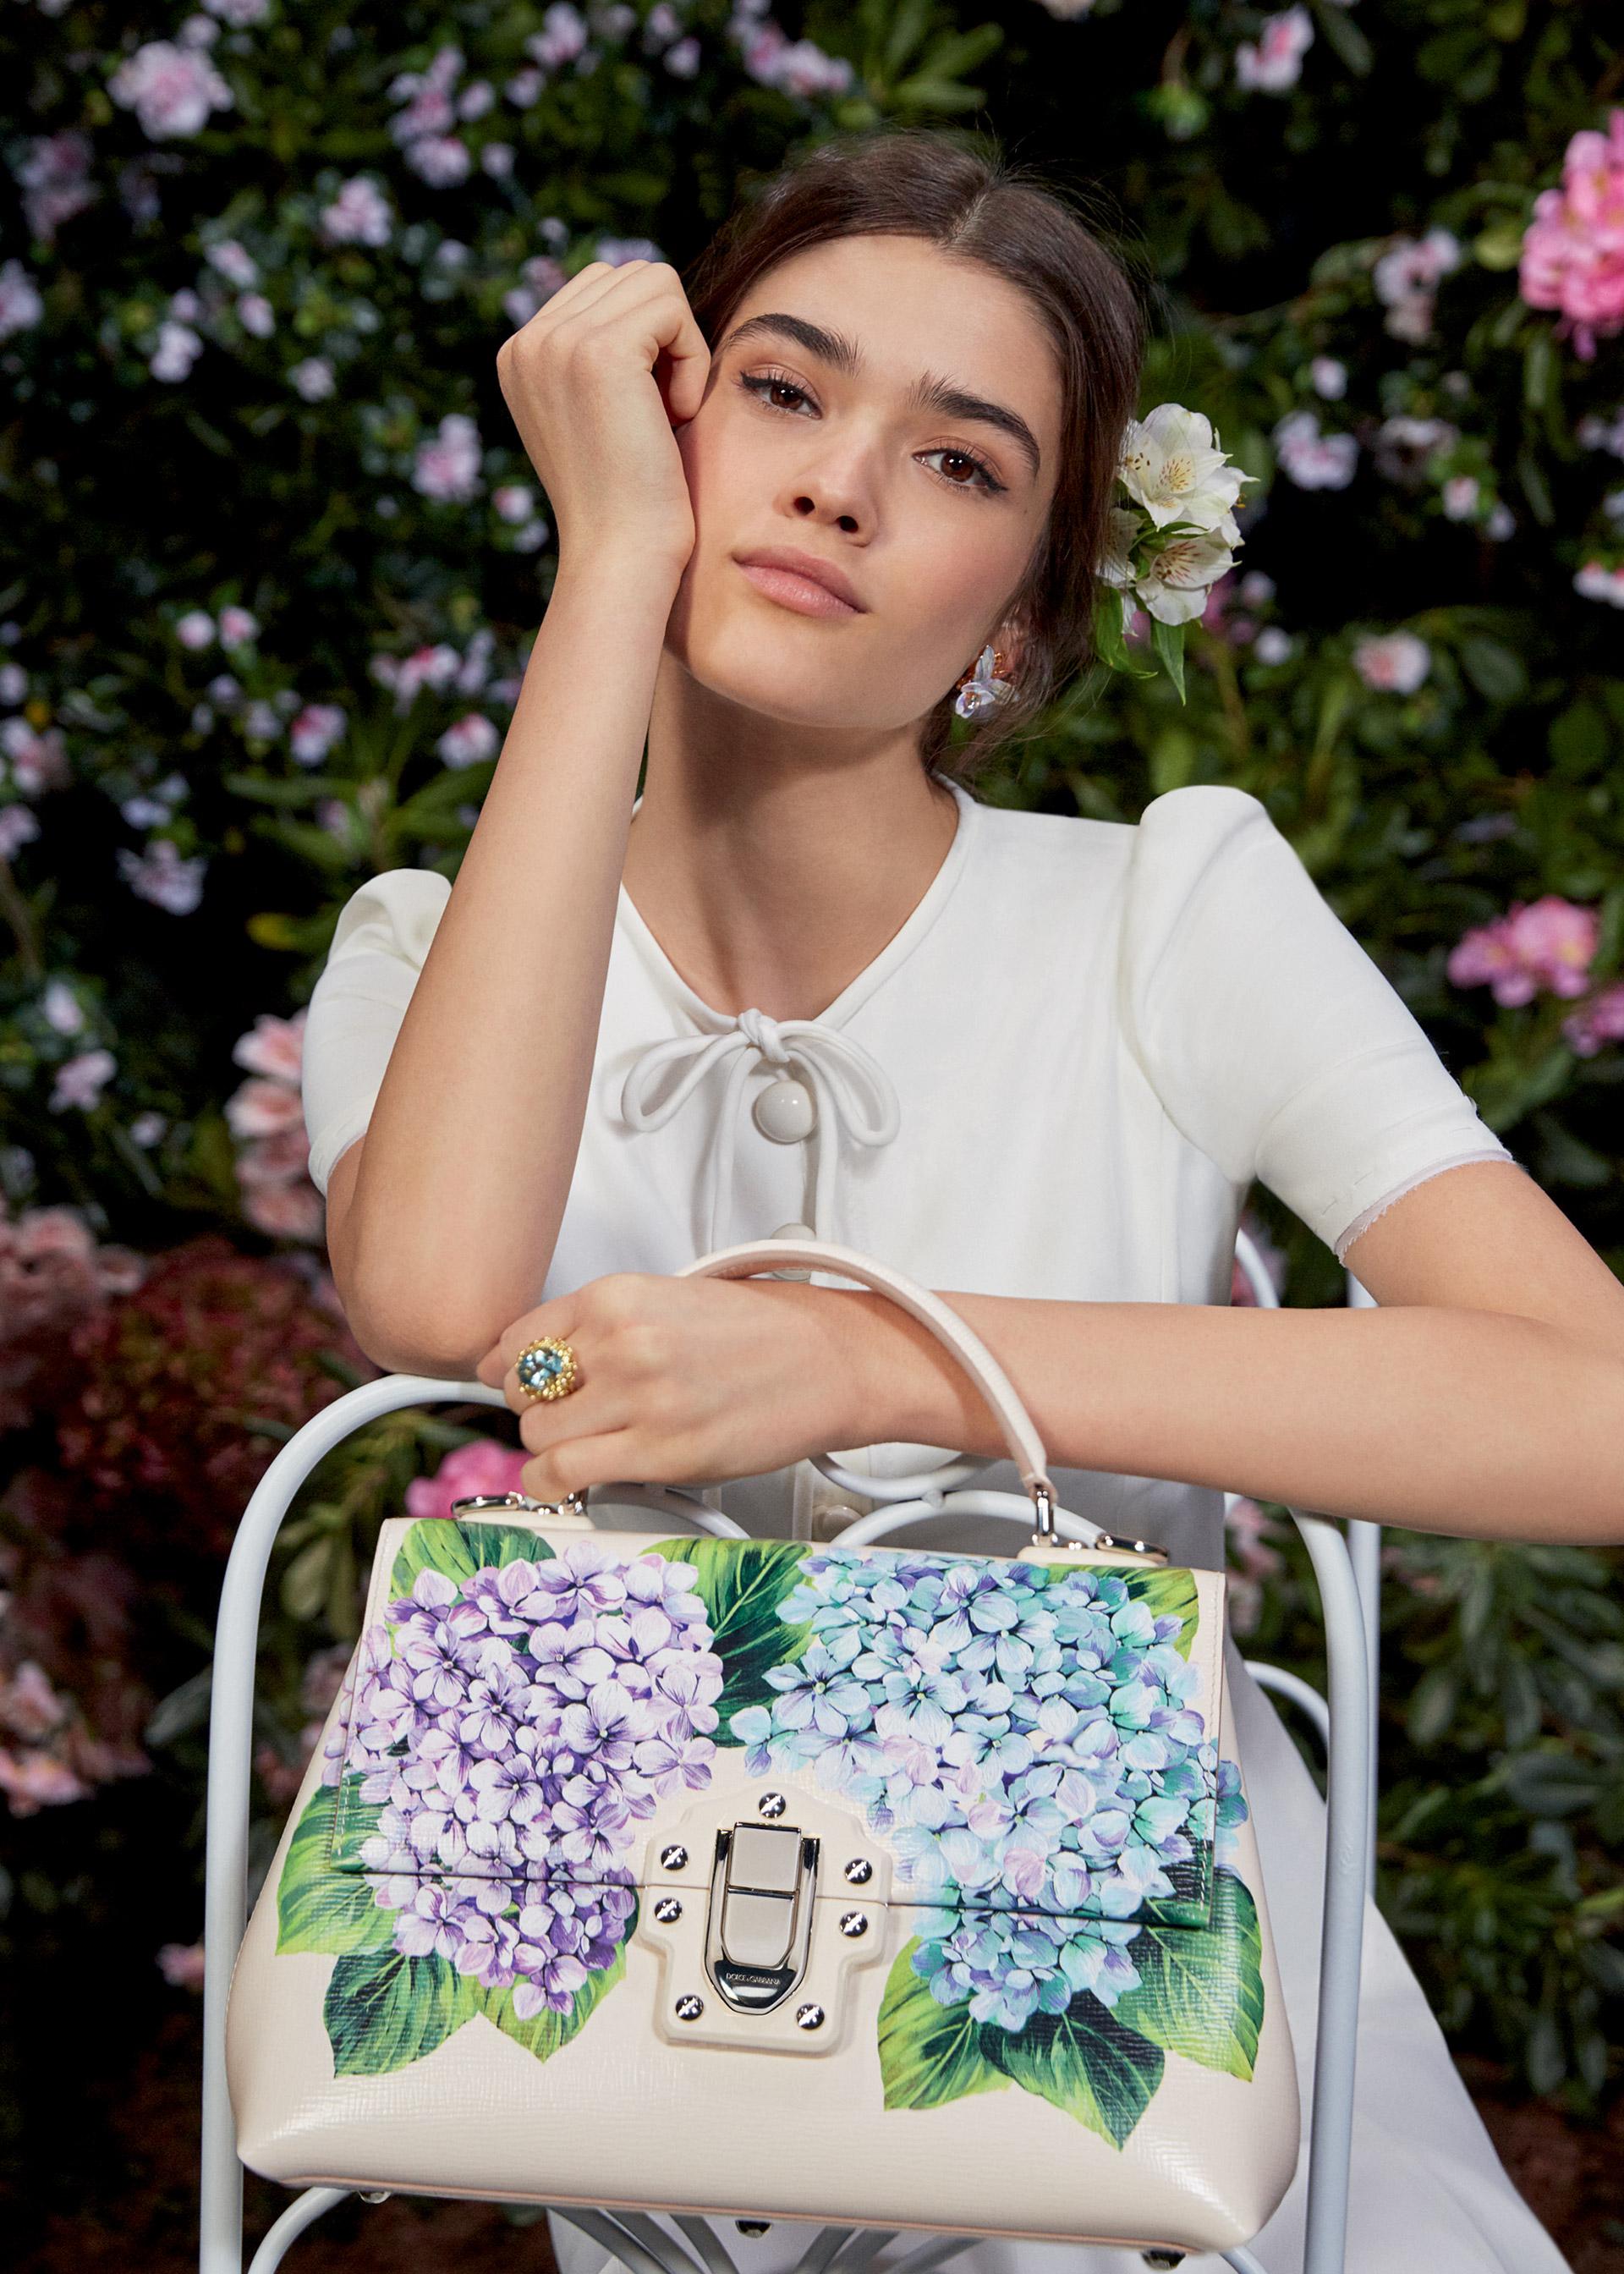 Бренды сумок Dolce Gabbana с цветами